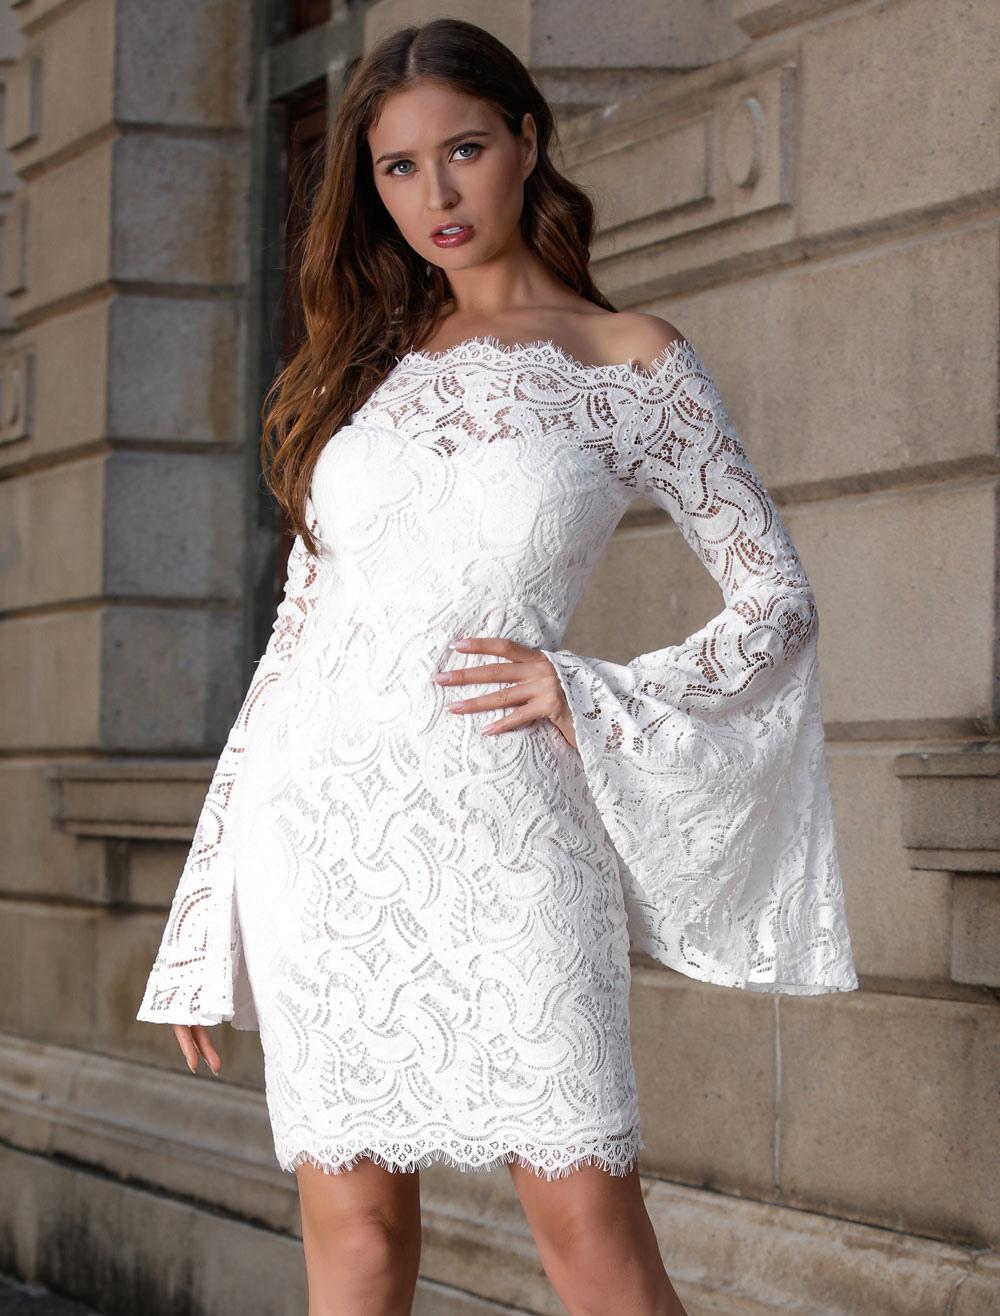 f08730de93 Acheter les Robes en dentelle pour femmes en ligne | Milanoo.com